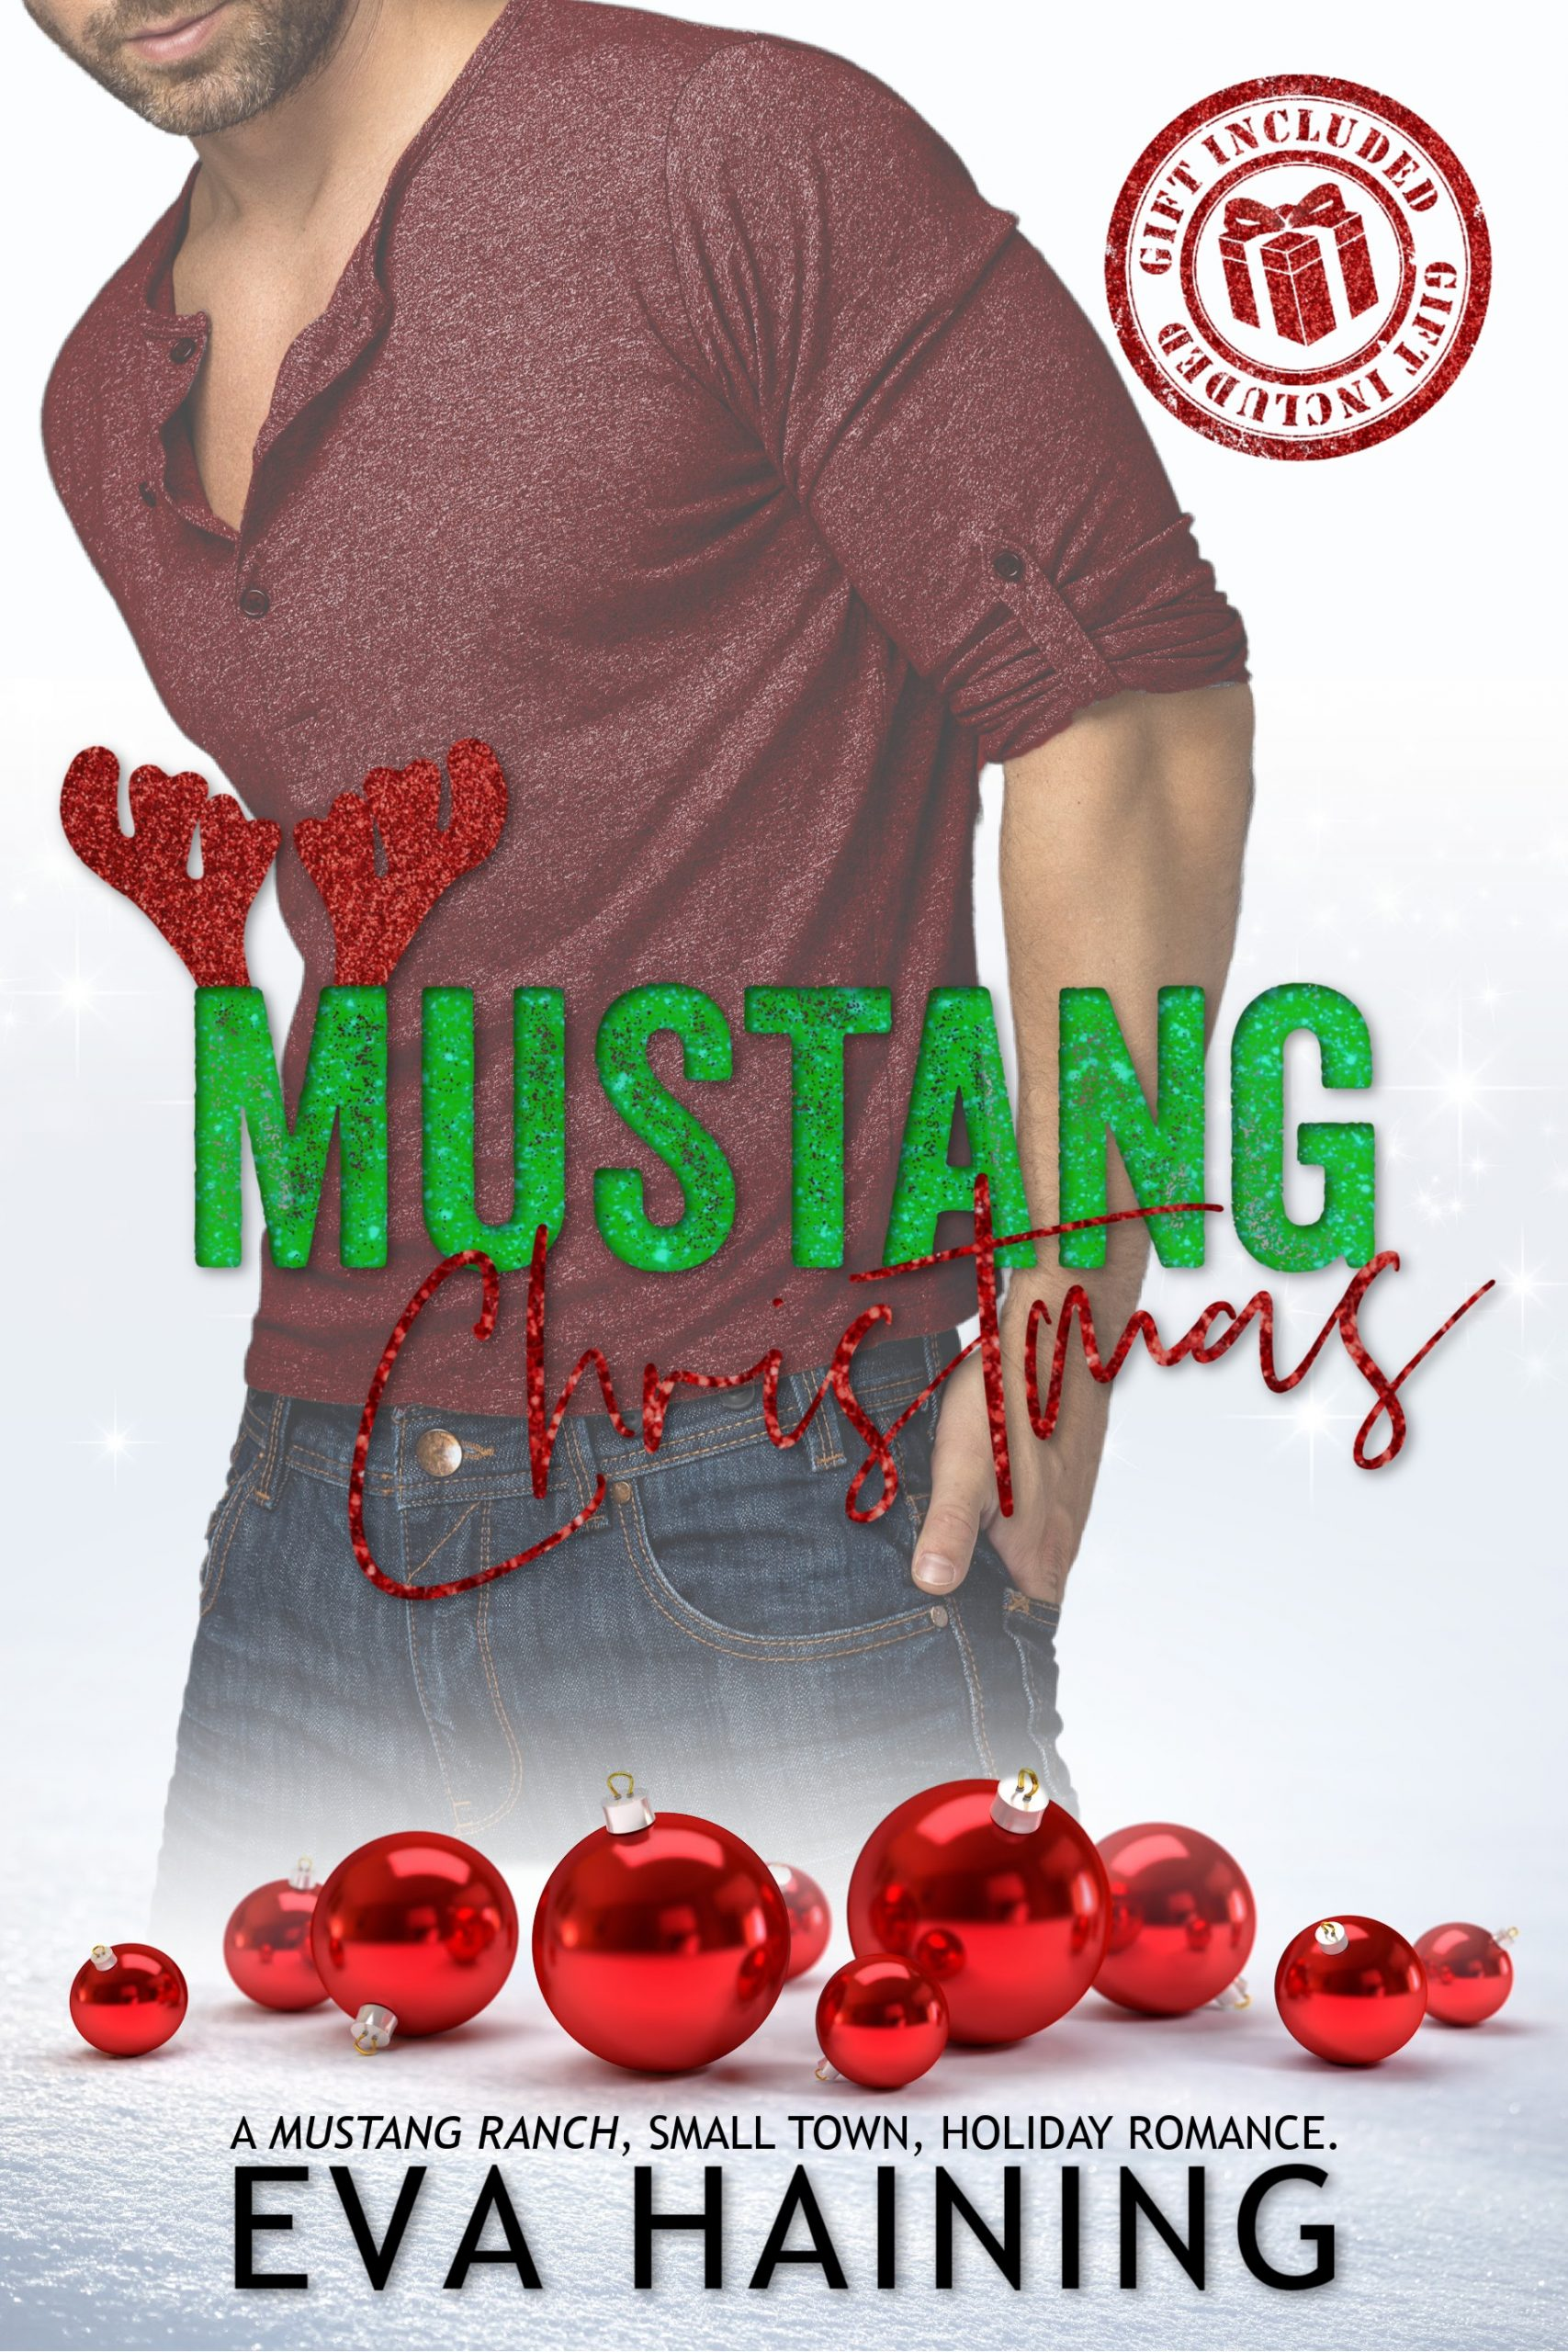 Mustang Christmas